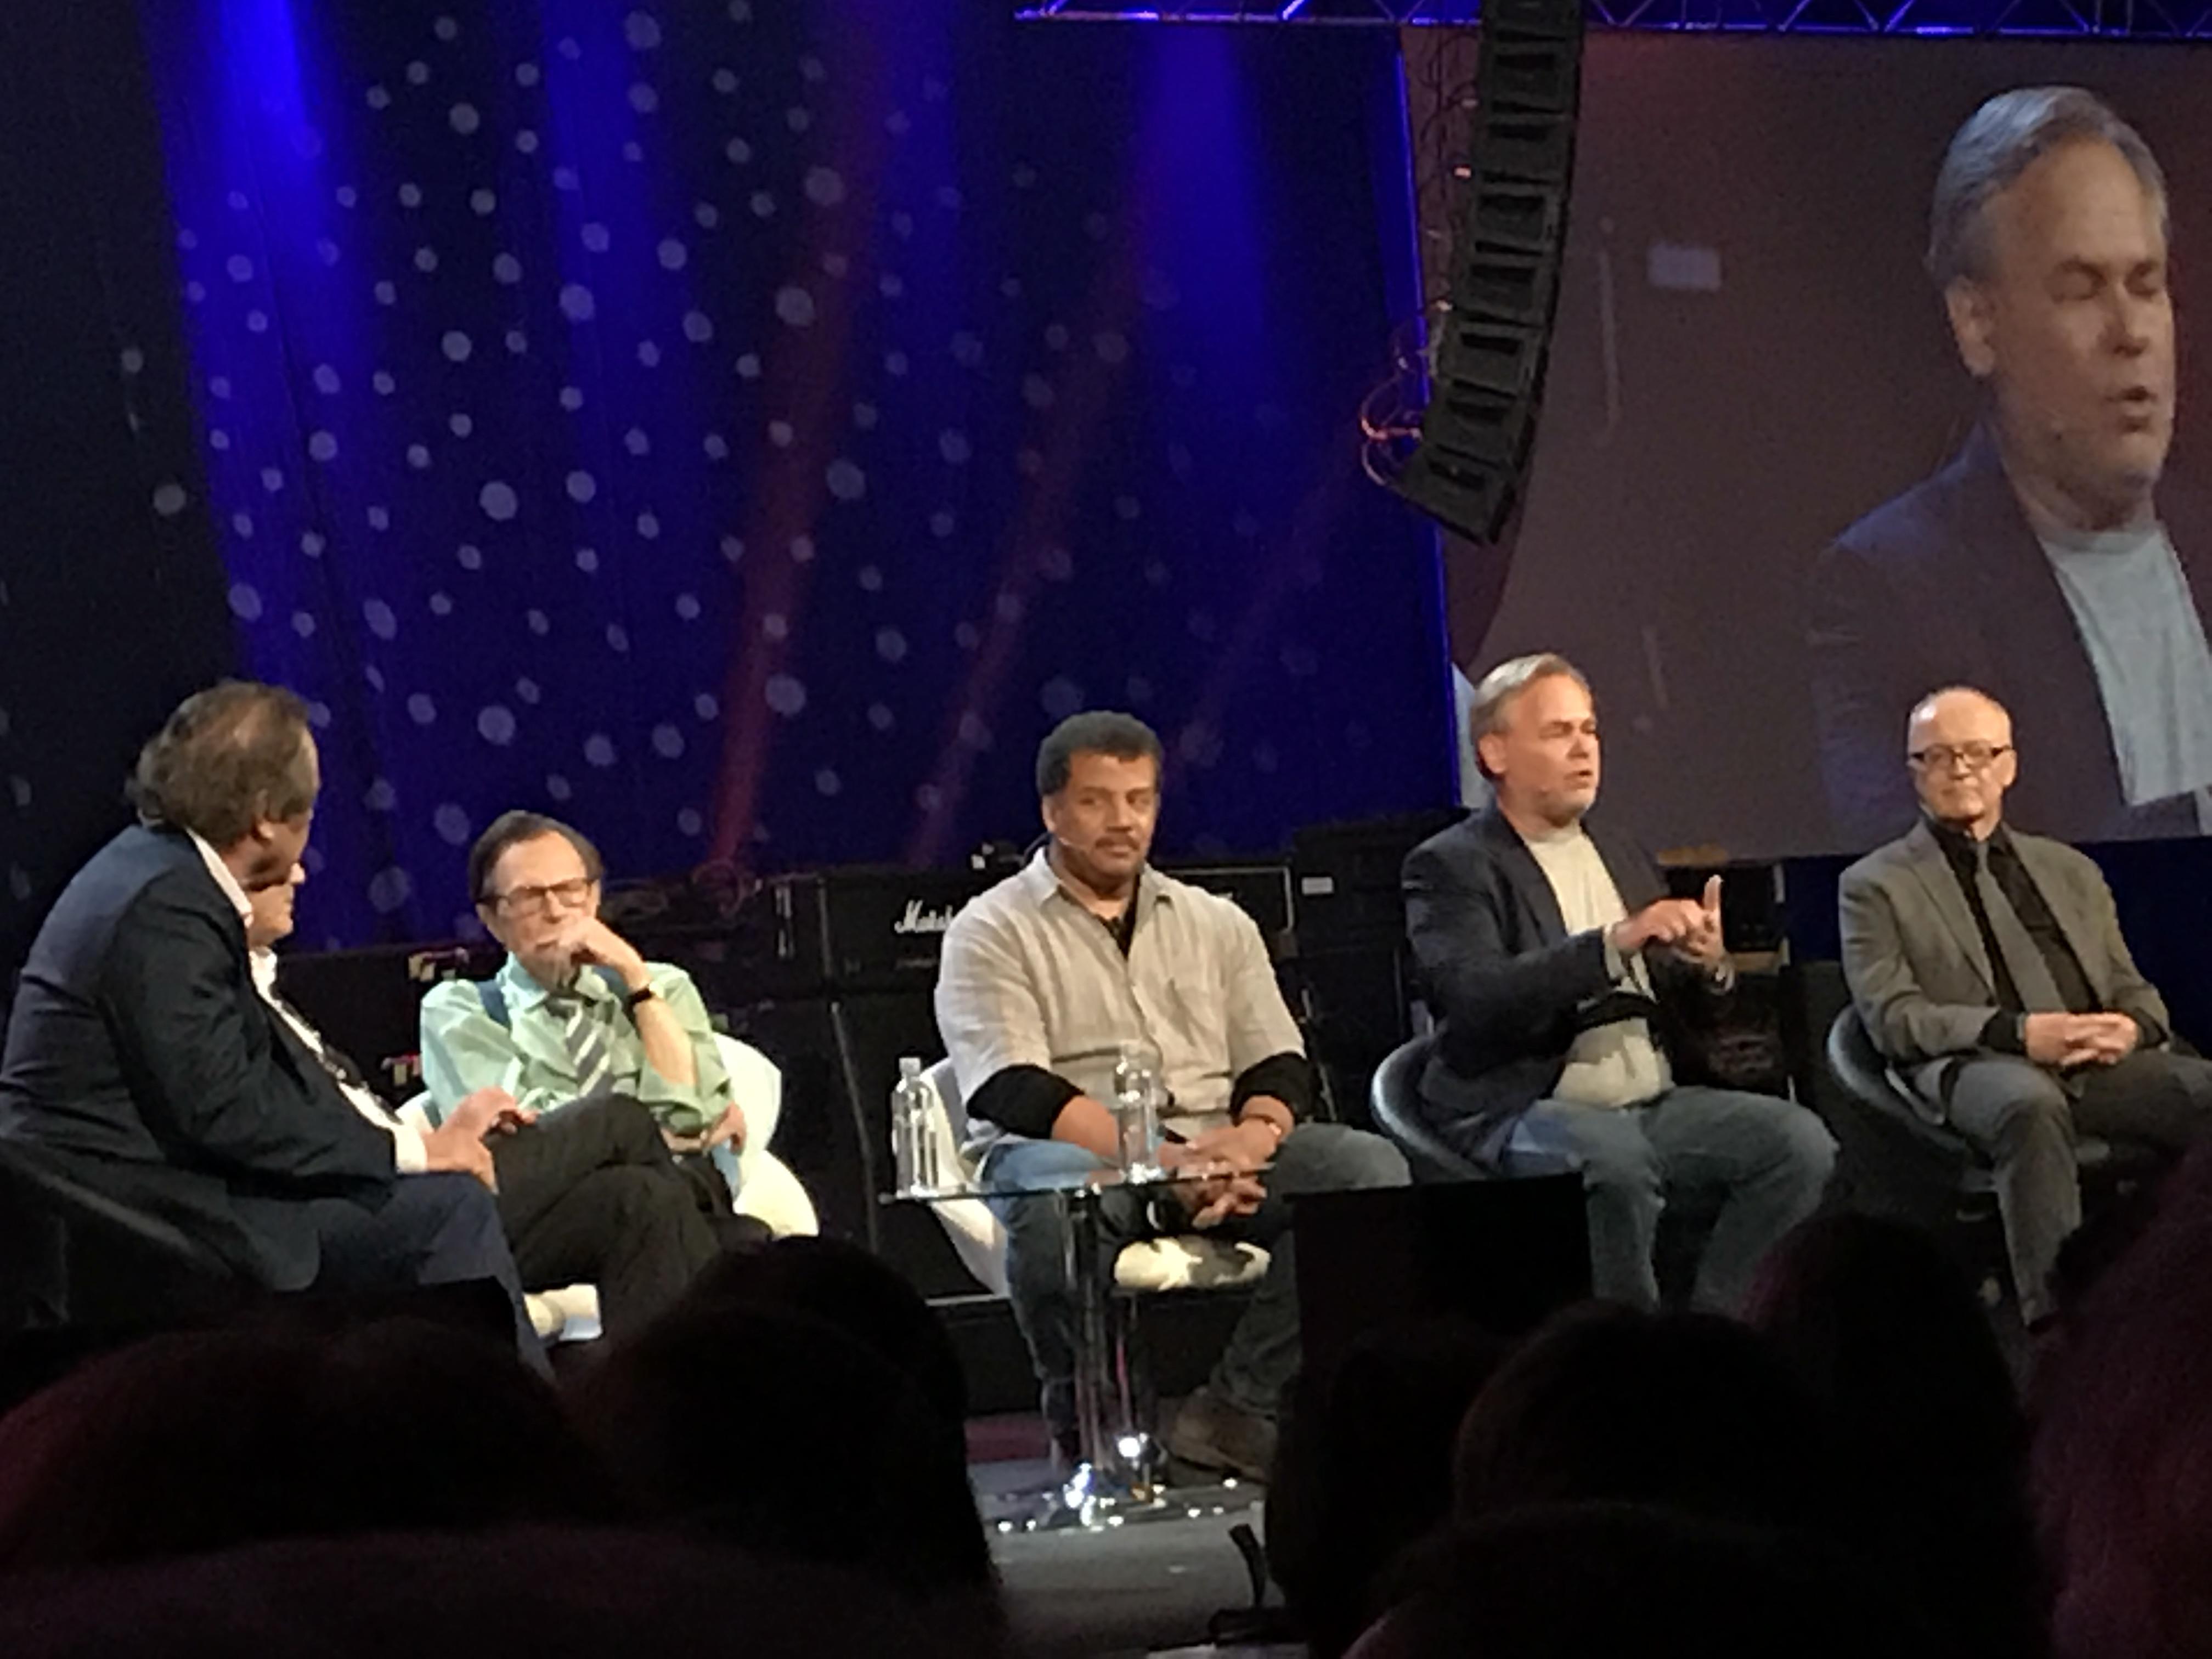 Starmus, dag 4: Larry King leder spännande rymdsamtal